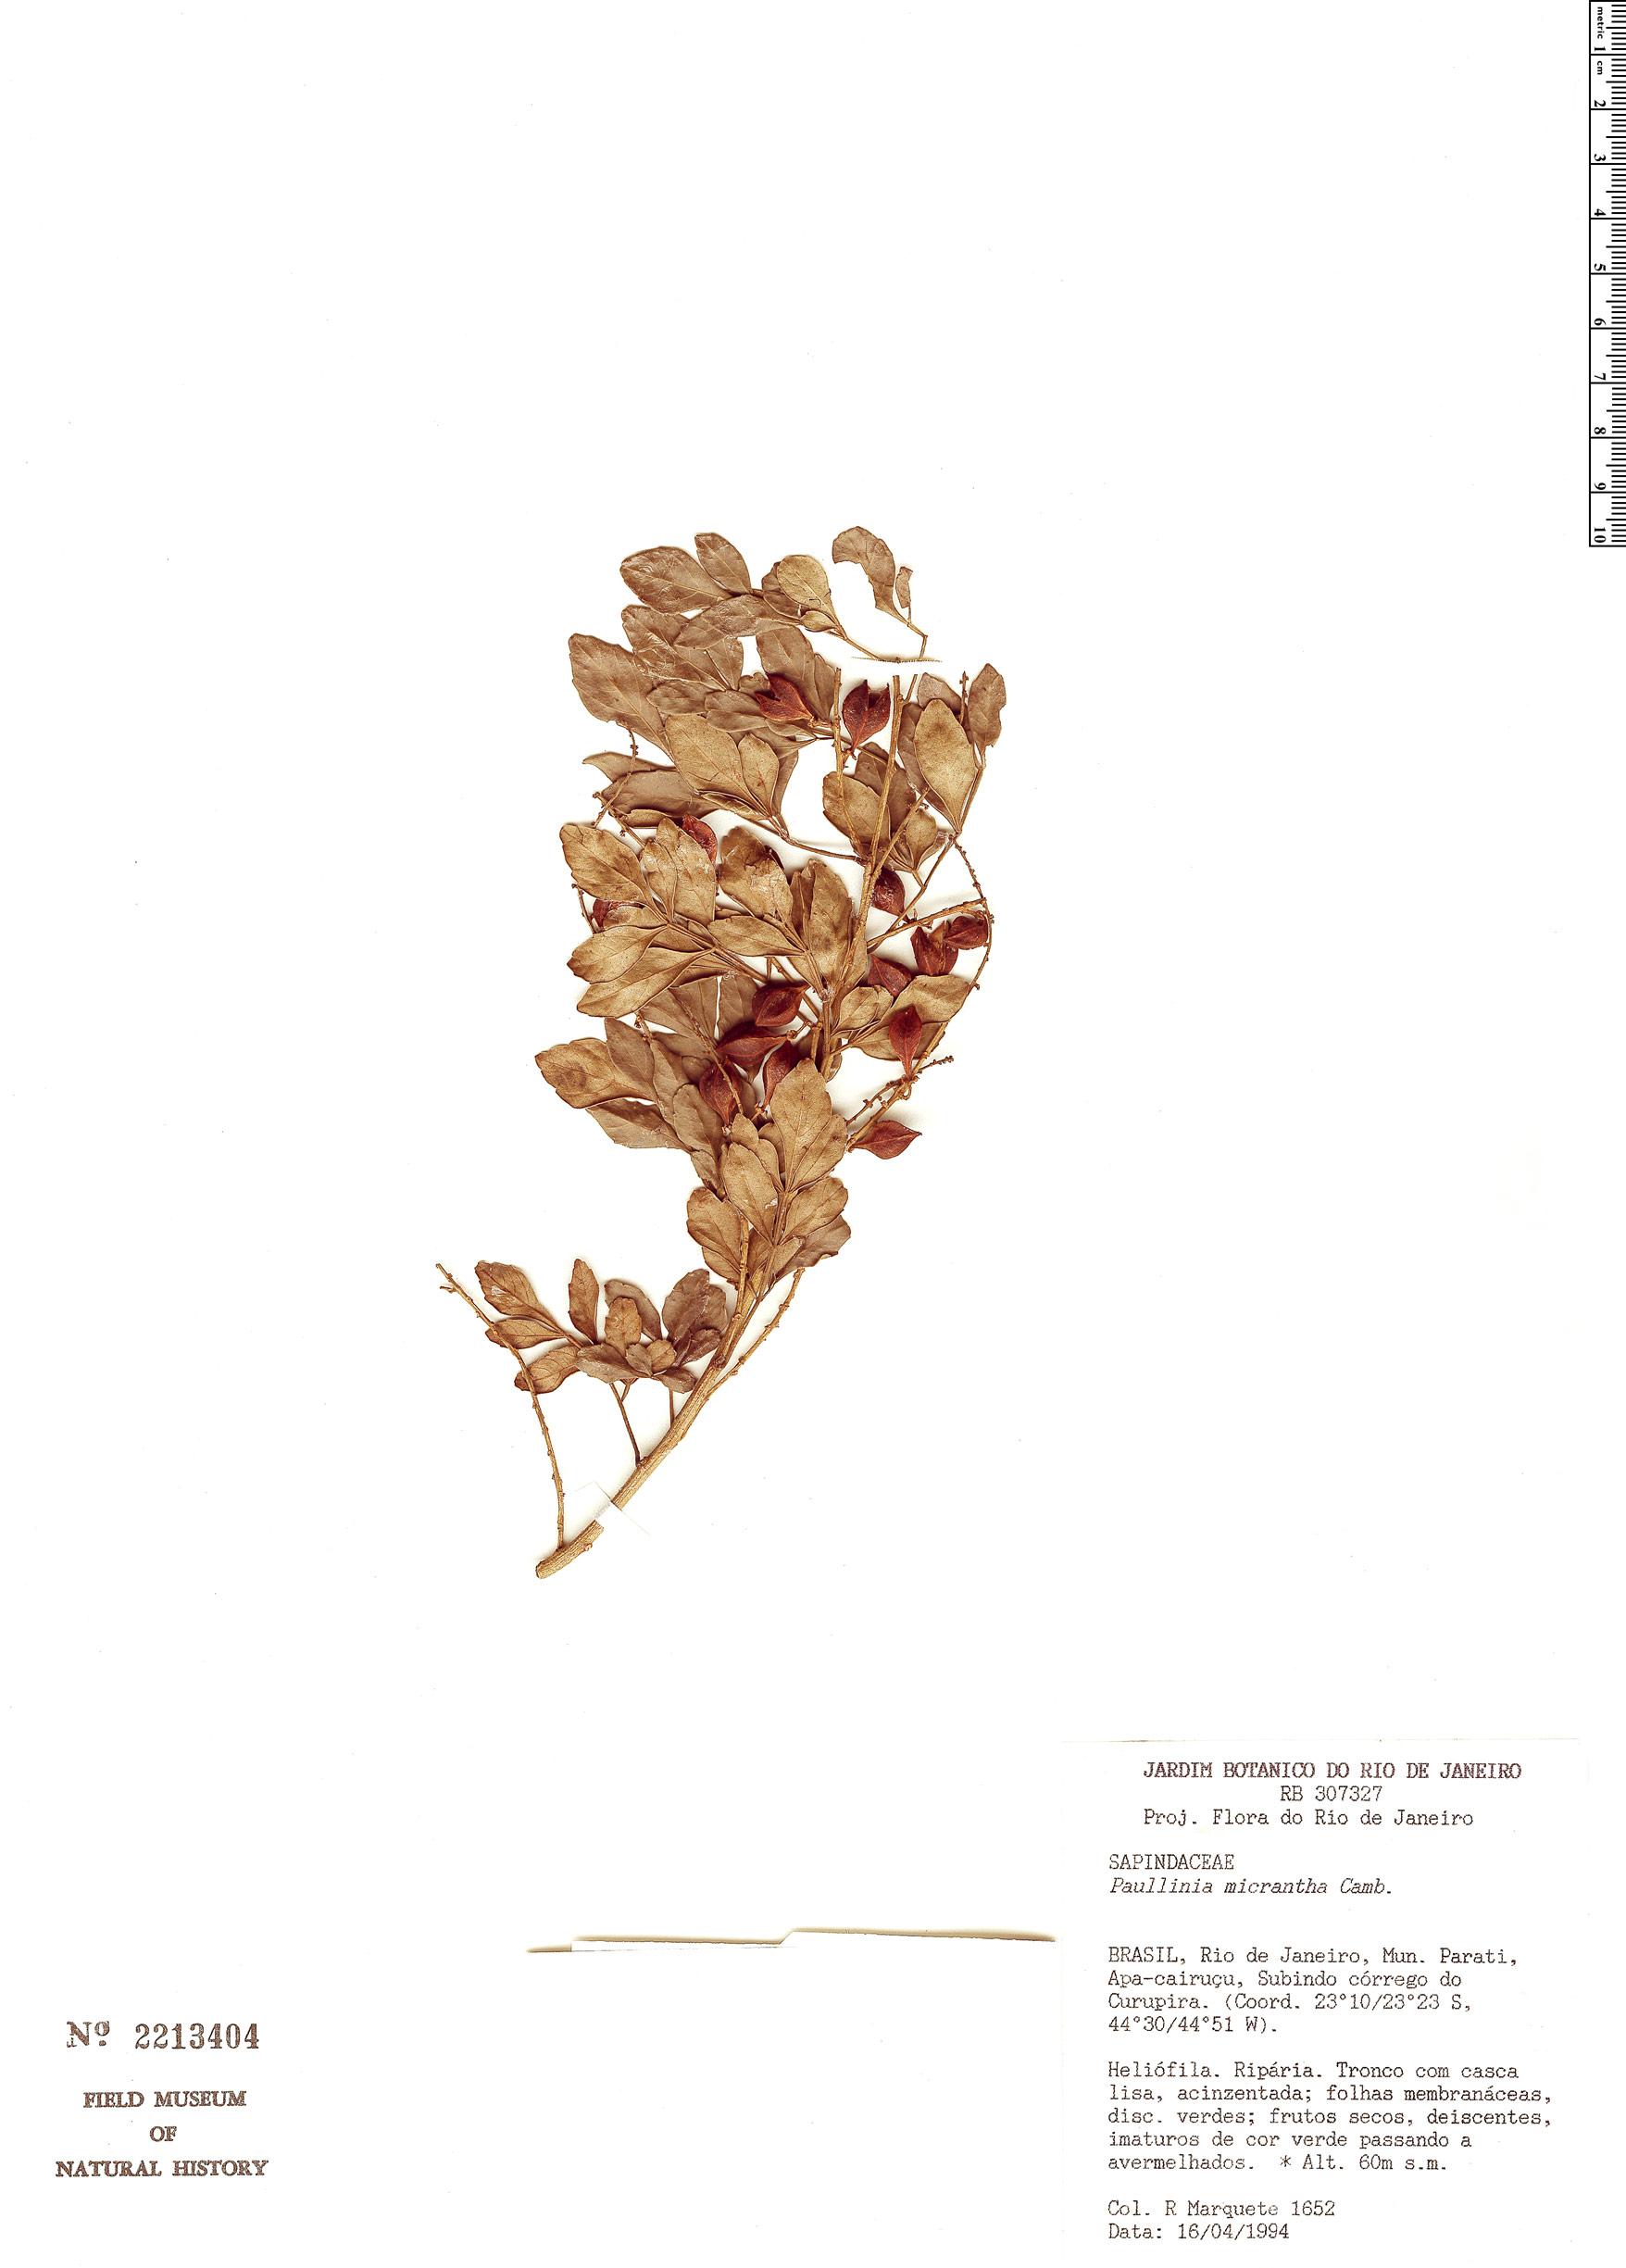 Specimen: Paullinia micrantha